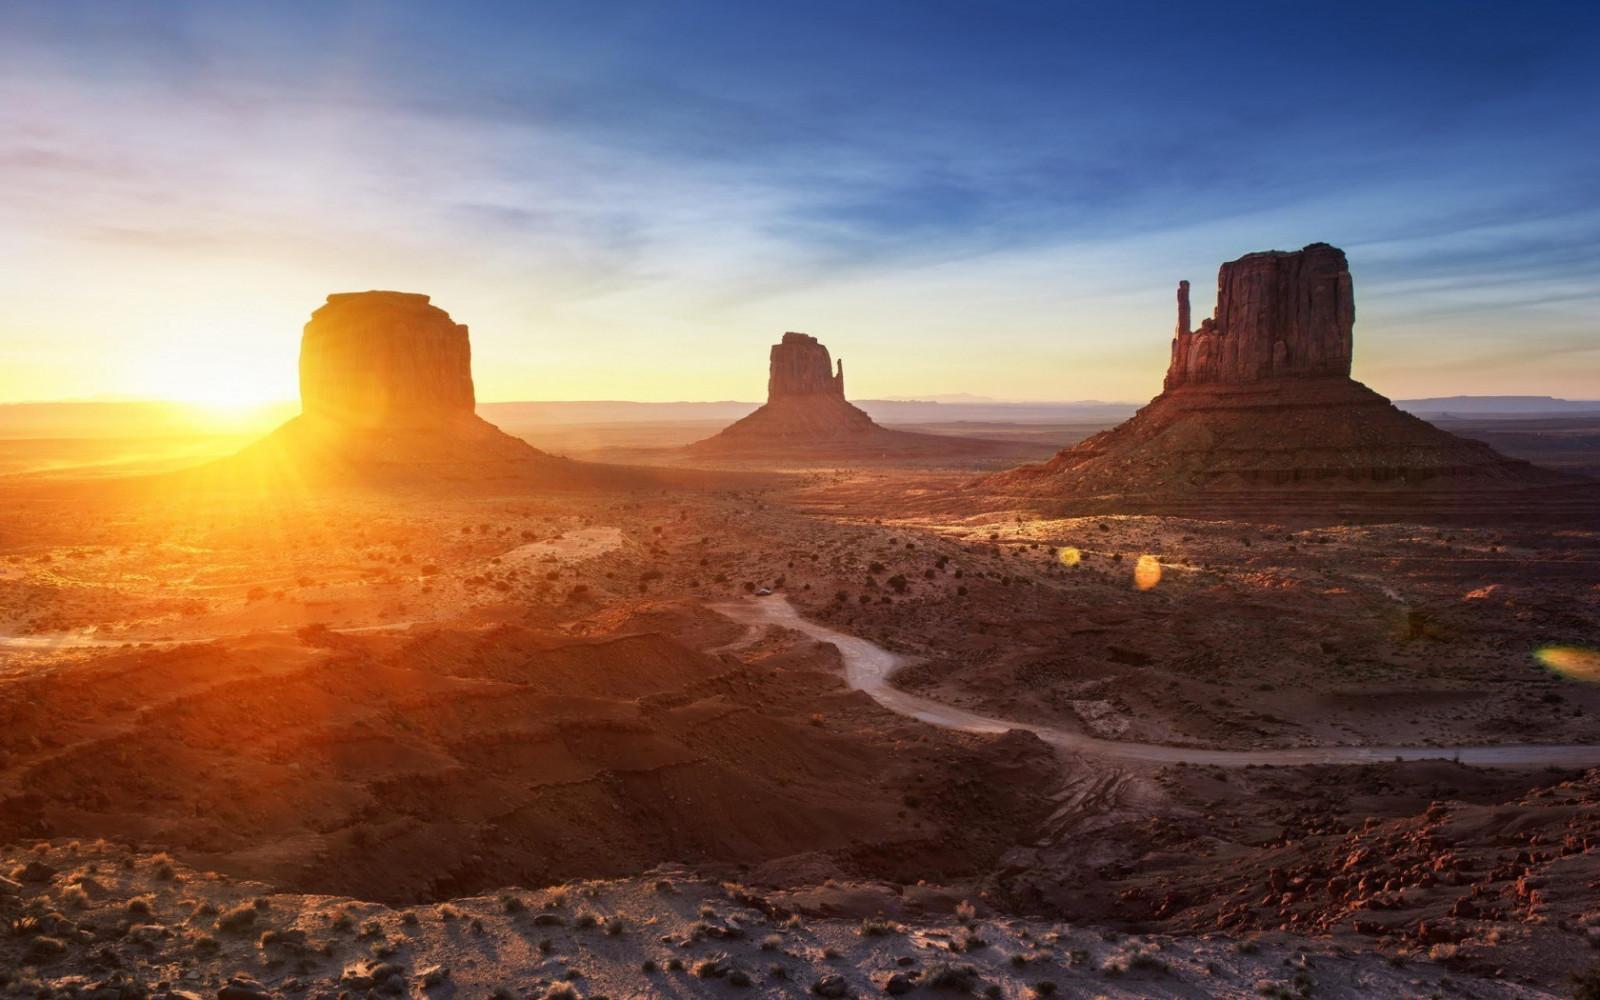 デスクトップ壁紙 日光 風景 日没 日の出 朝 砂漠 汚れの道